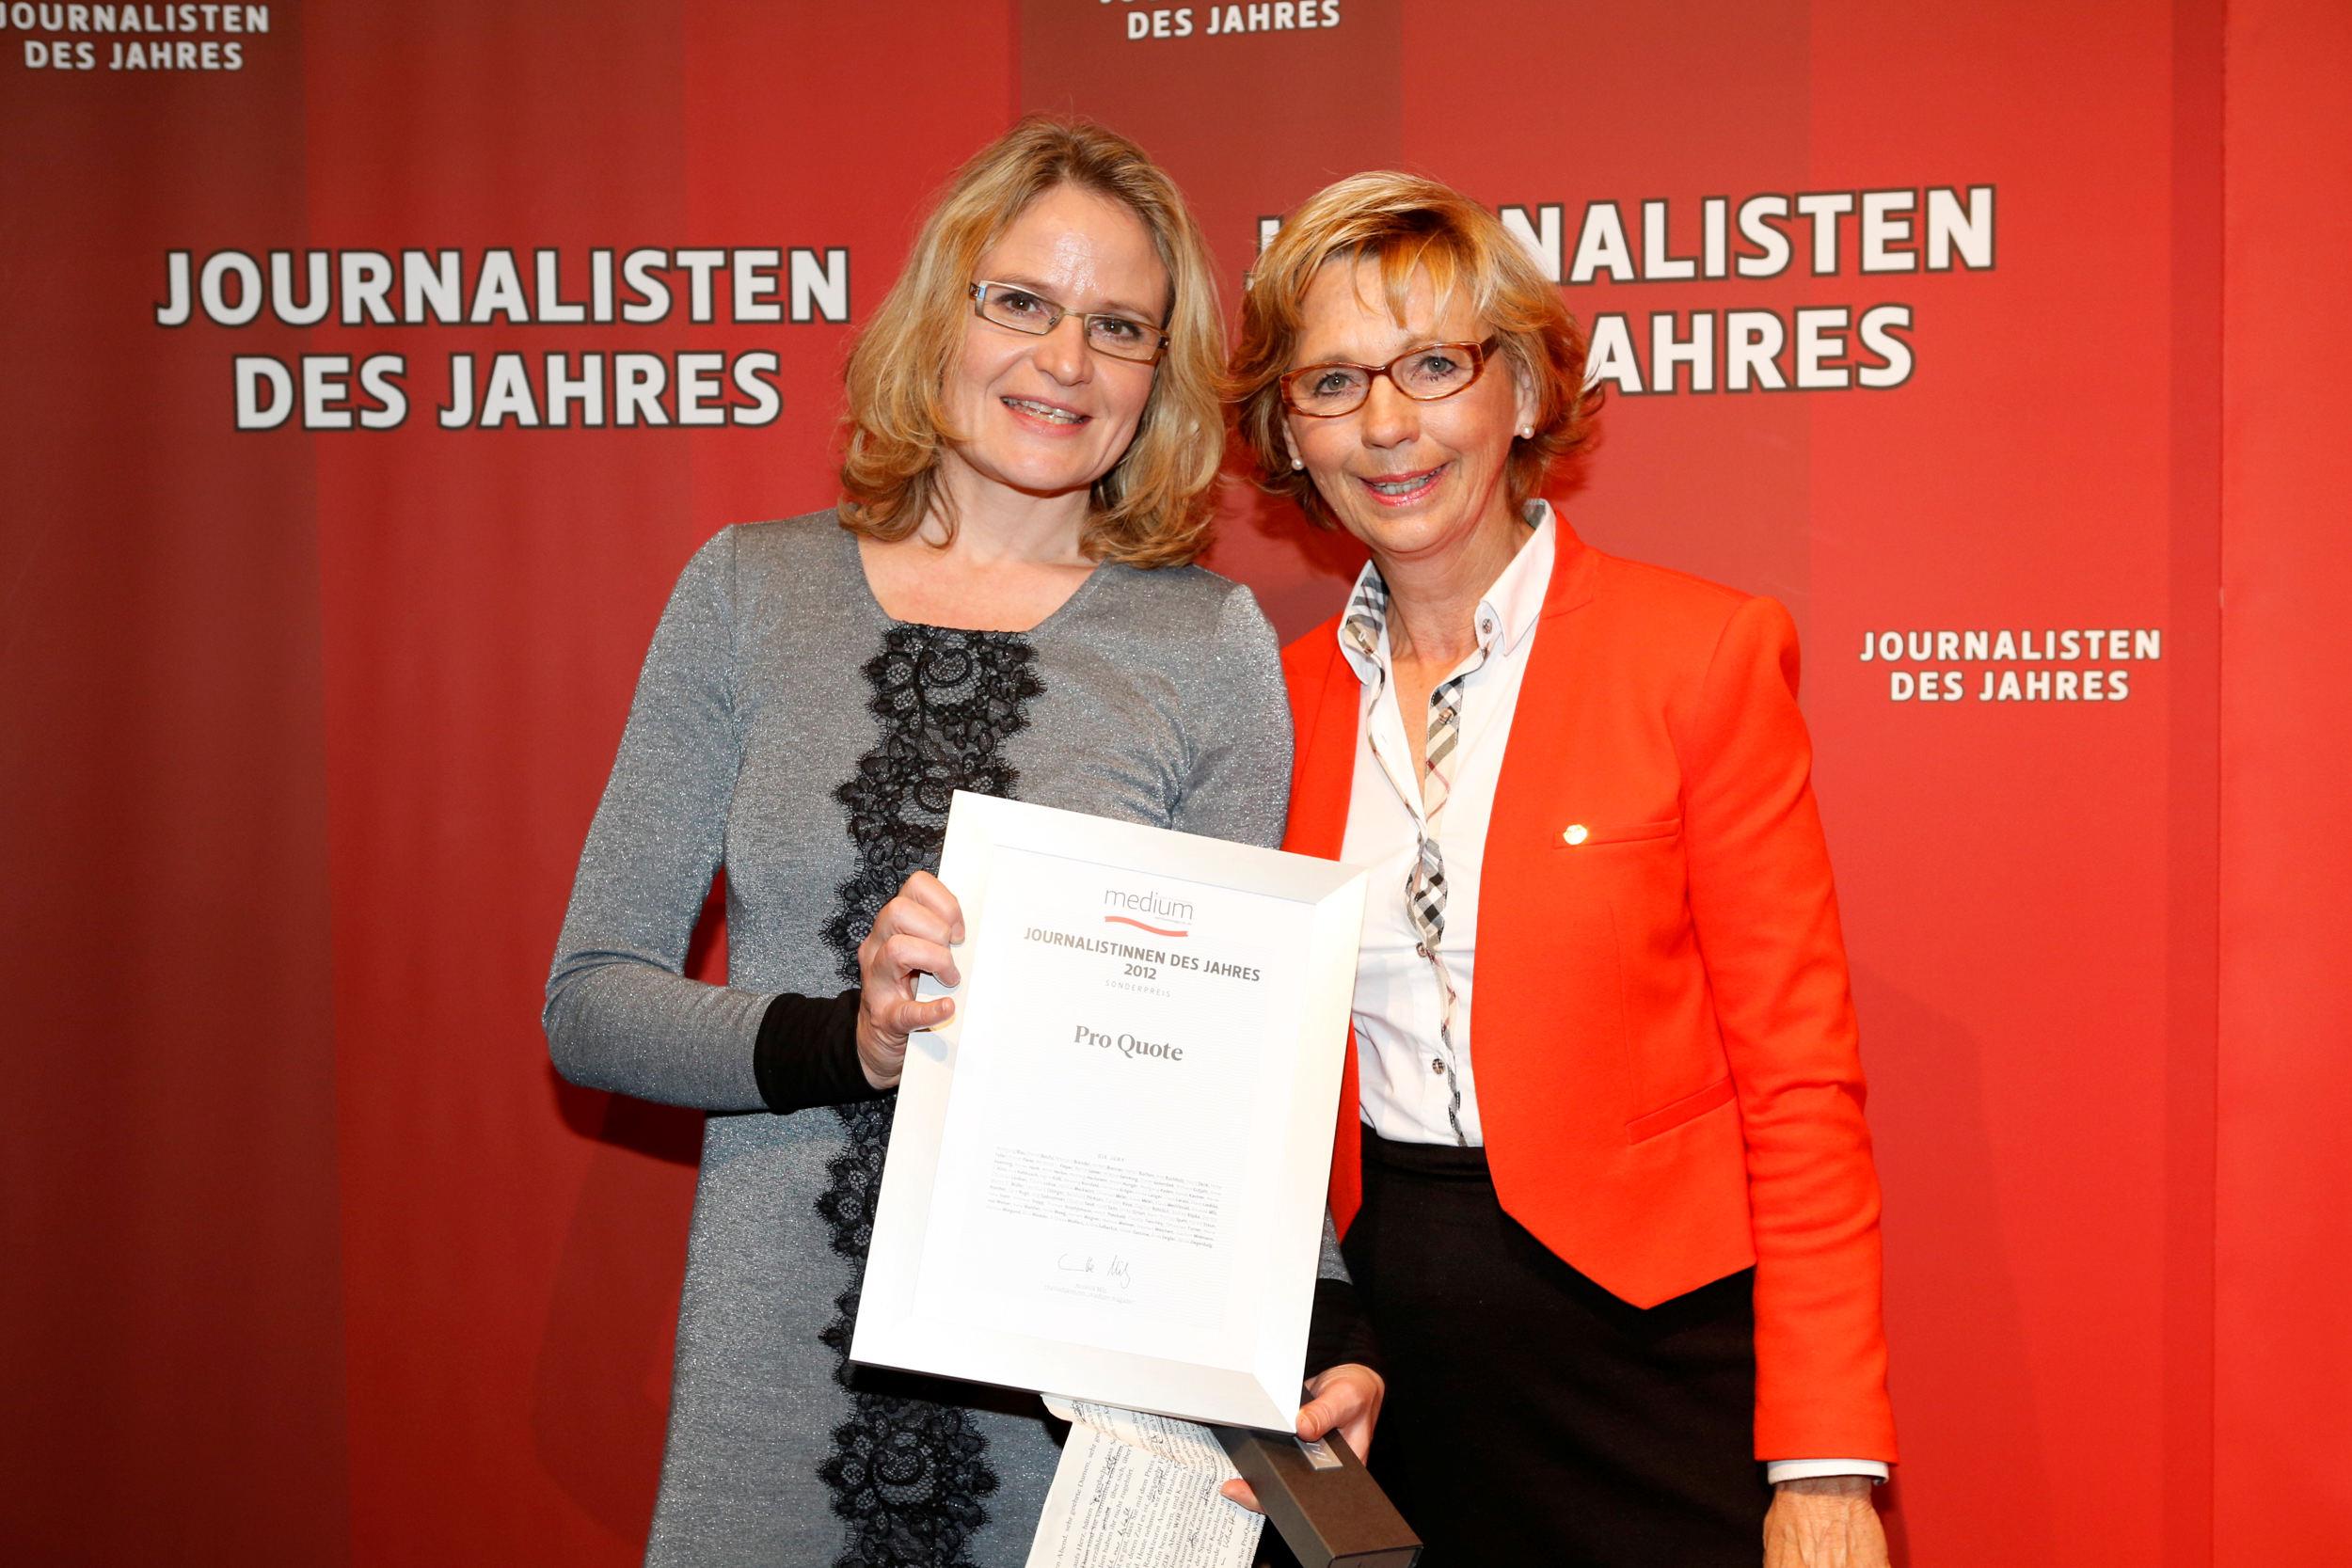 Maria von Welser ehrt Annette Bruhns stellvertretend für die Journalistinnen-Initiative ProQuote mit dem Sonderpreis 2012